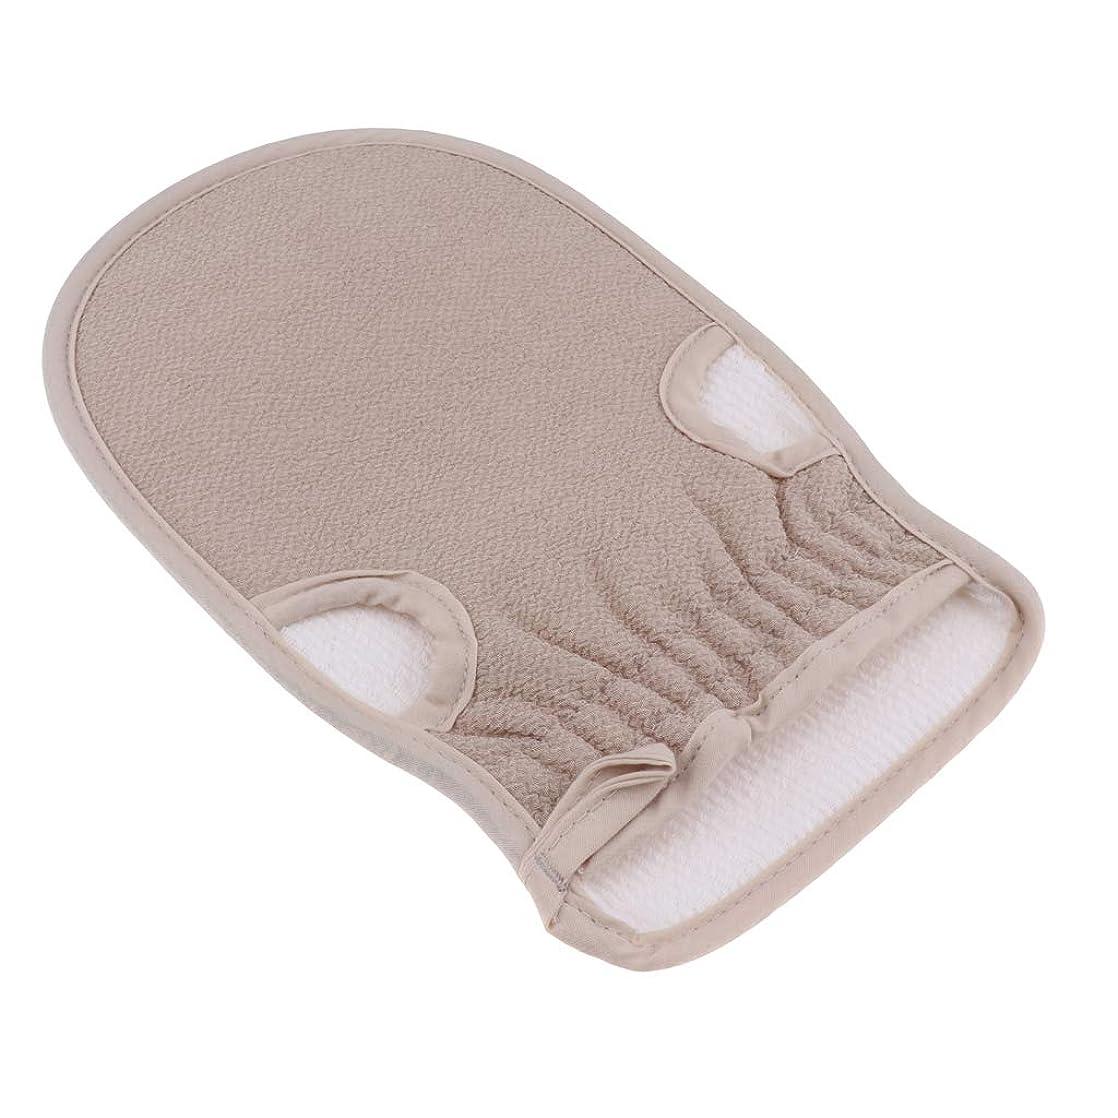 前任者軽く廃止dailymall 女性の男性のためのボディ剥離手袋シャワースクラブバスミット - グレー